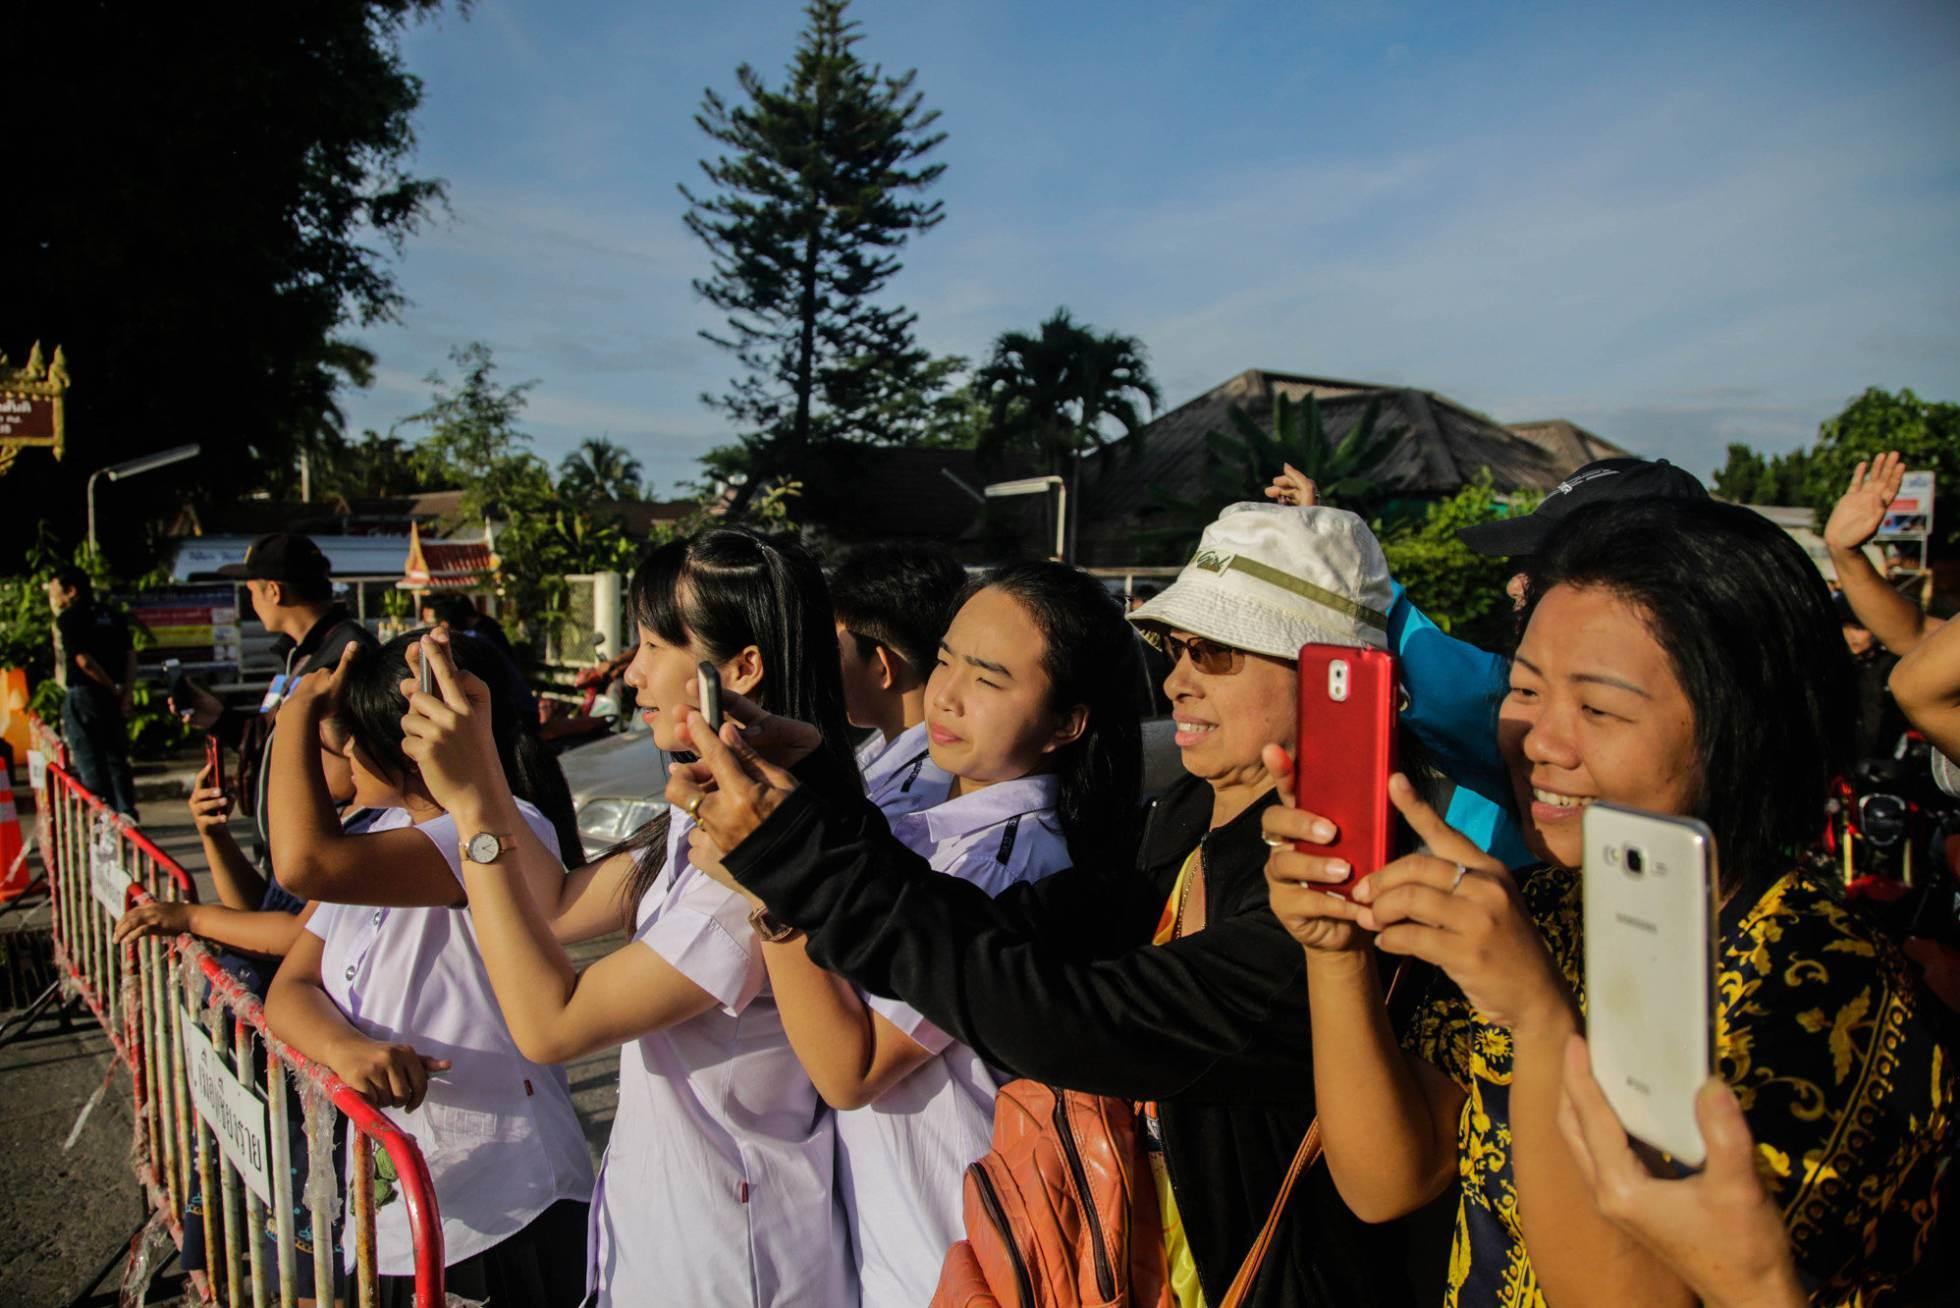 Varios ciudadanos de Tailandiahacen fotografías con sus móviles del helicóptero que ha trasladado al quinto niño rescatado tras salir de la cueva, el 9 de julio de 2018.